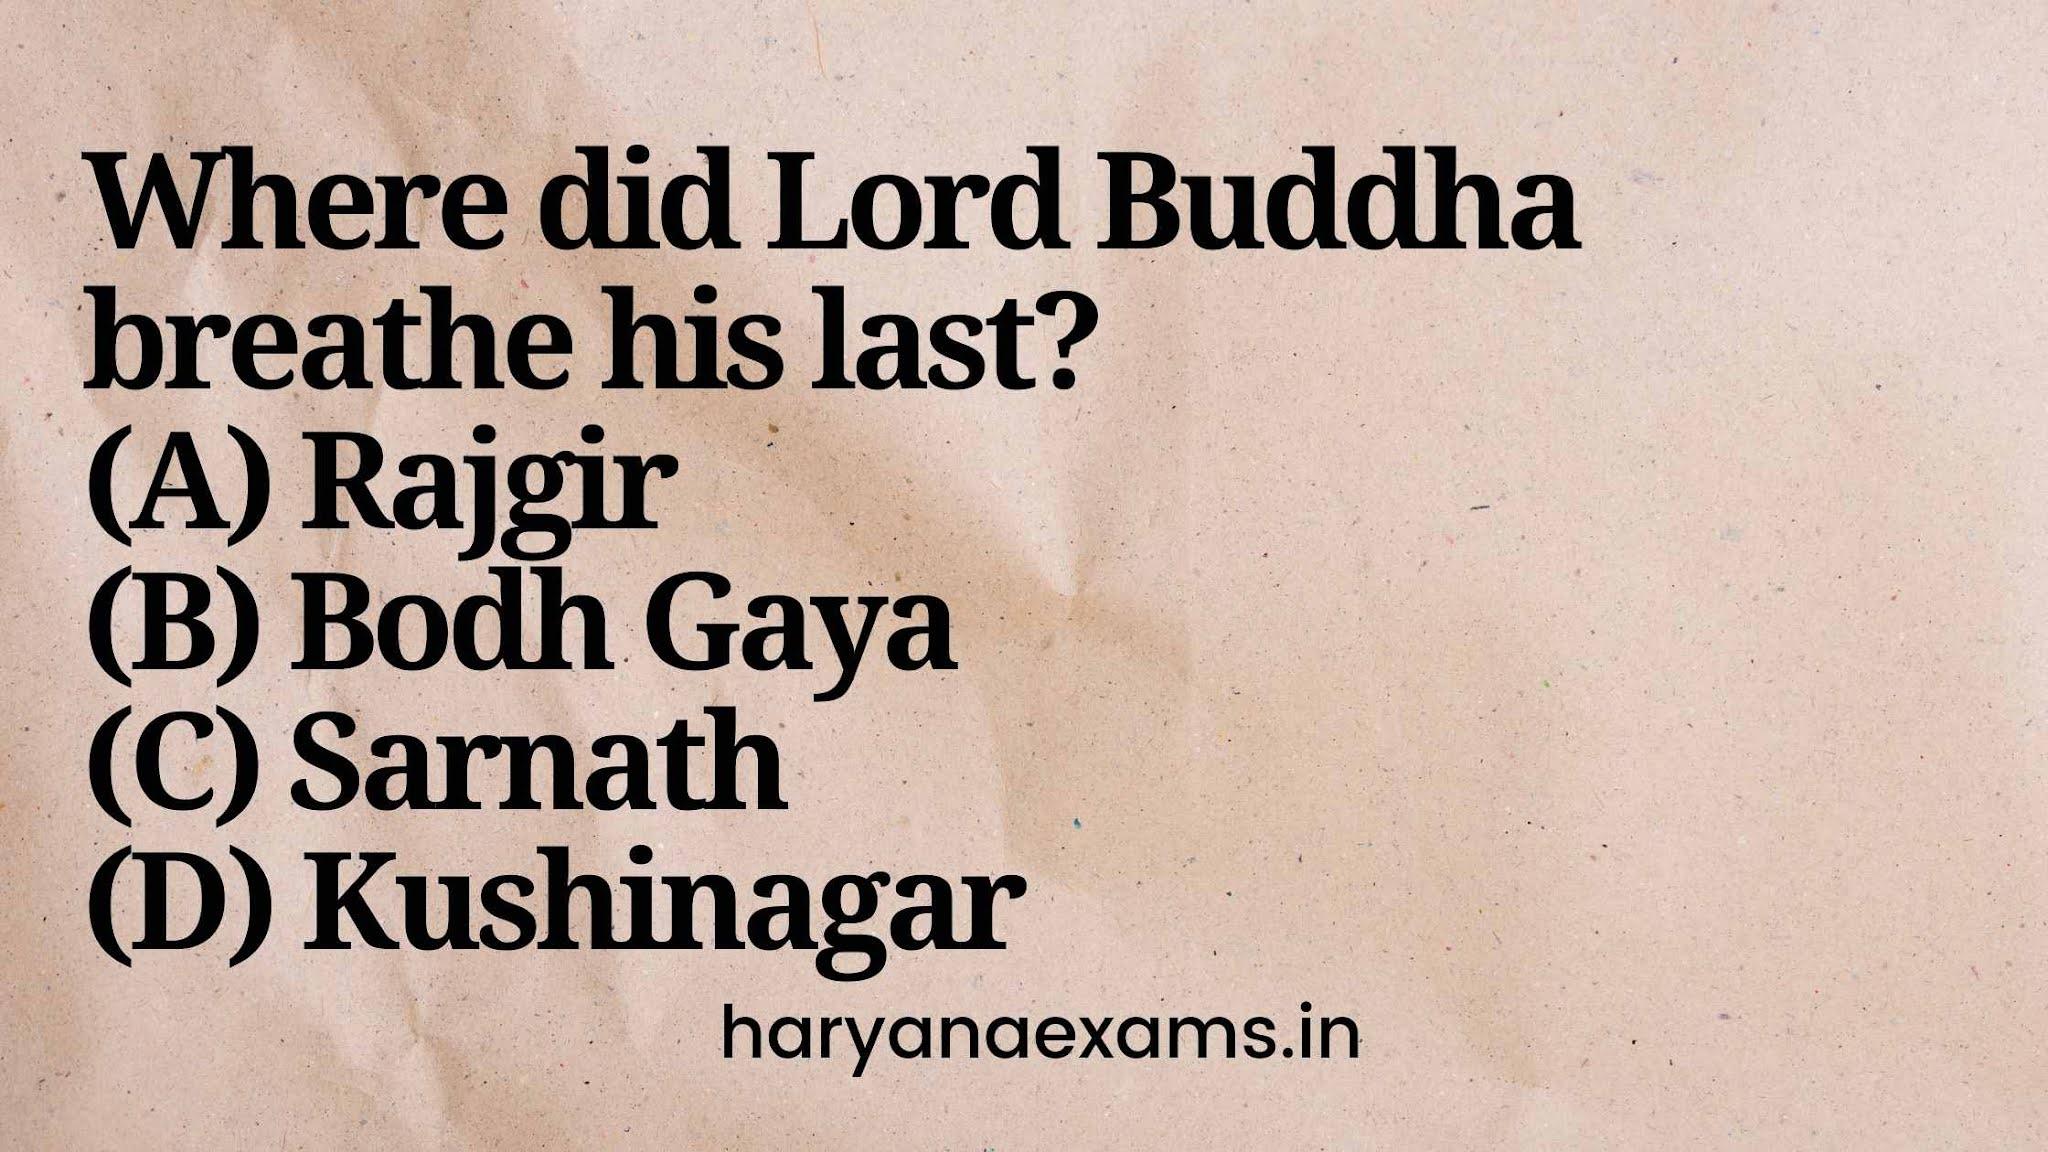 Where did Lord Buddha breathe his last?  (A) Rajgir  (B) Bodh Gaya  (C) Sarnath  (D) Kushinagar